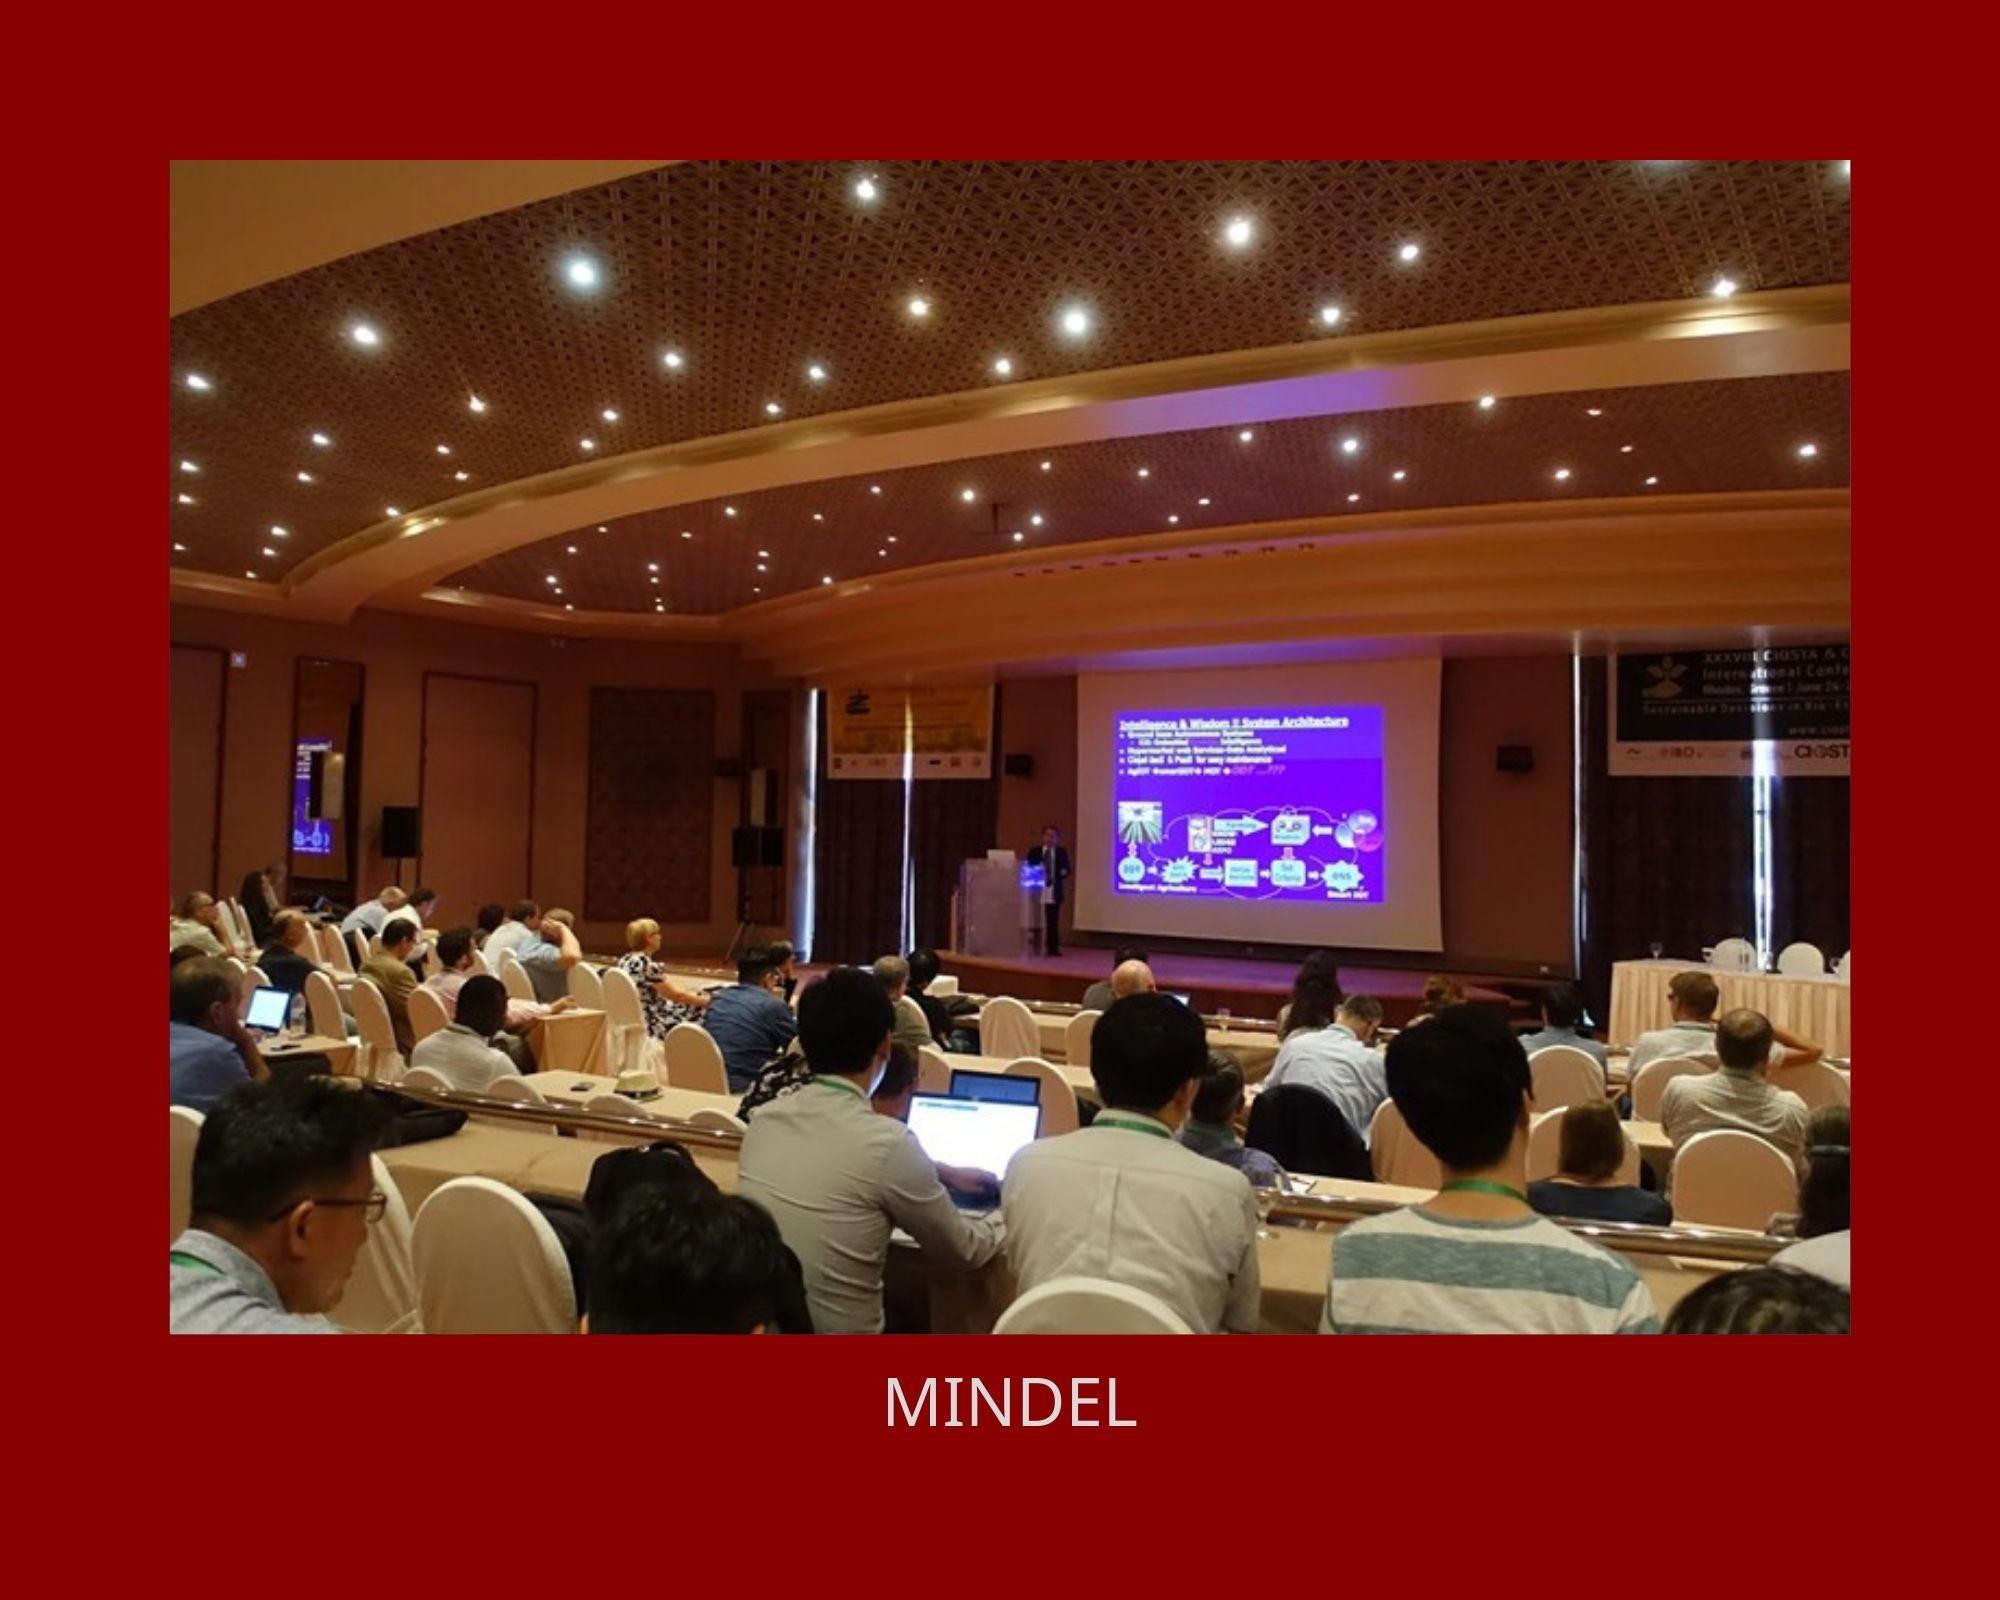 Ενημερωτική εκδήλωση για τις δράσεις του ΕΠΑνΕΚ «Ποιοτικός Εκσυγχρονισμός», «Επιχειρούμε Έξω» και «Εργαλειοθηκη Ανταγωνιστικότητας» στην Αργολίδα